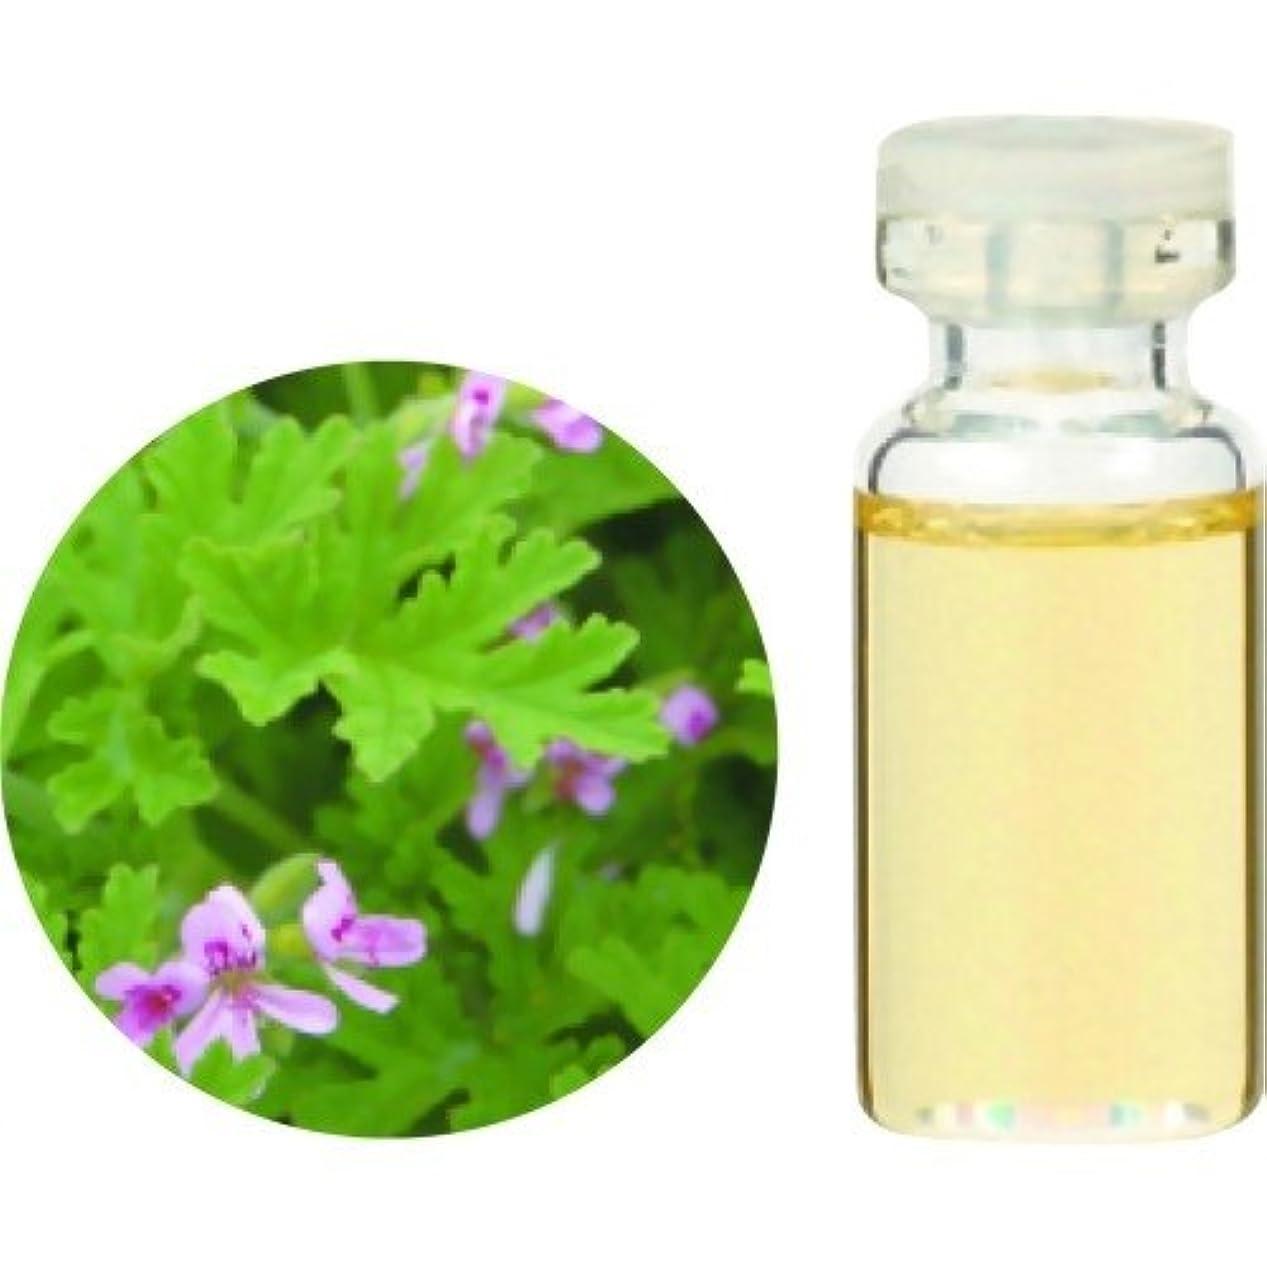 飲料検出する専門用語生活の木 Herbal Life Organic ゼラニウム 10ml